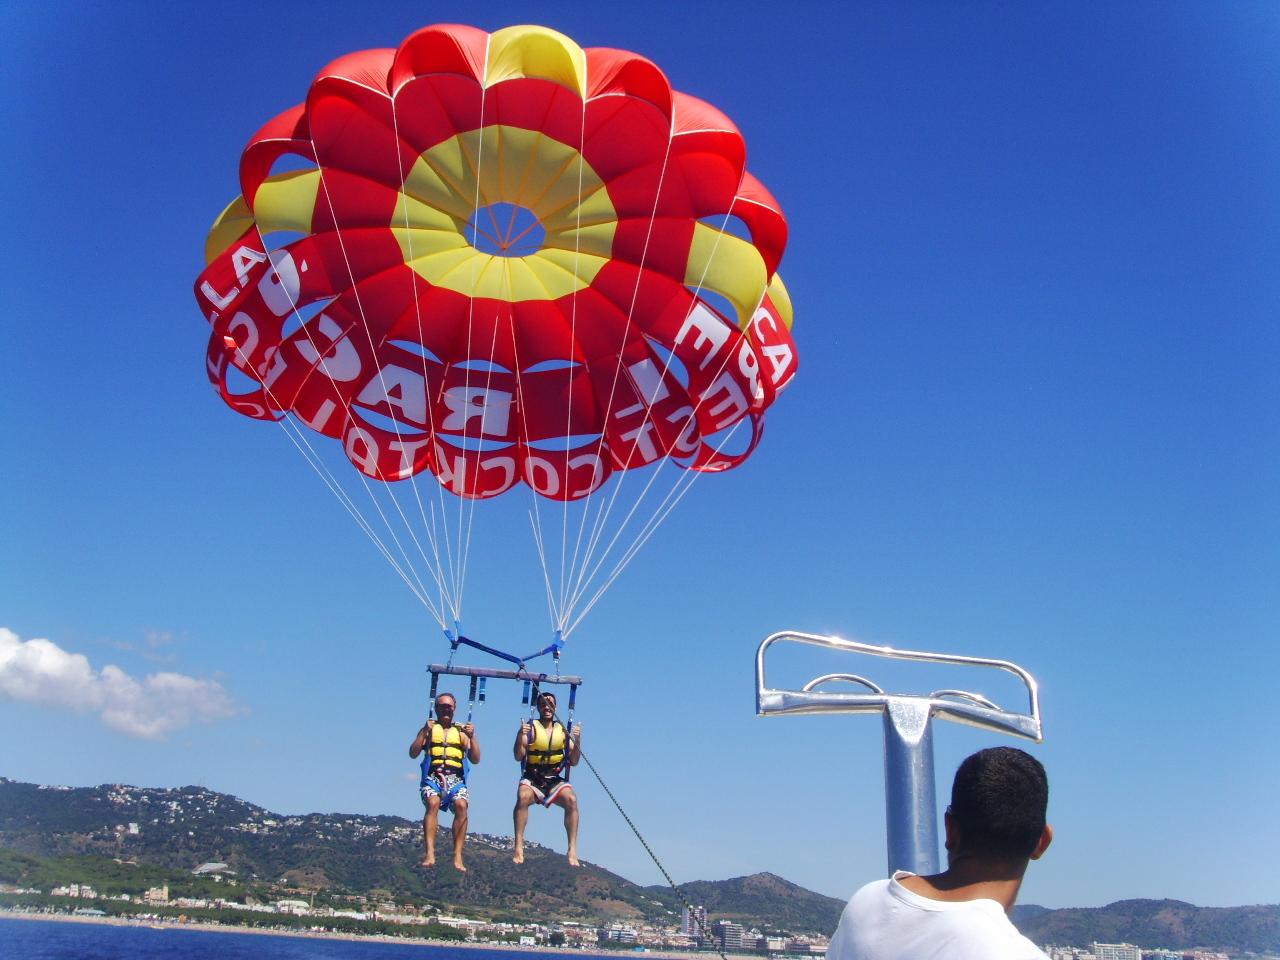 Oriol lugo real parasailing volando sobre el mar - Cometas de arrastre ...